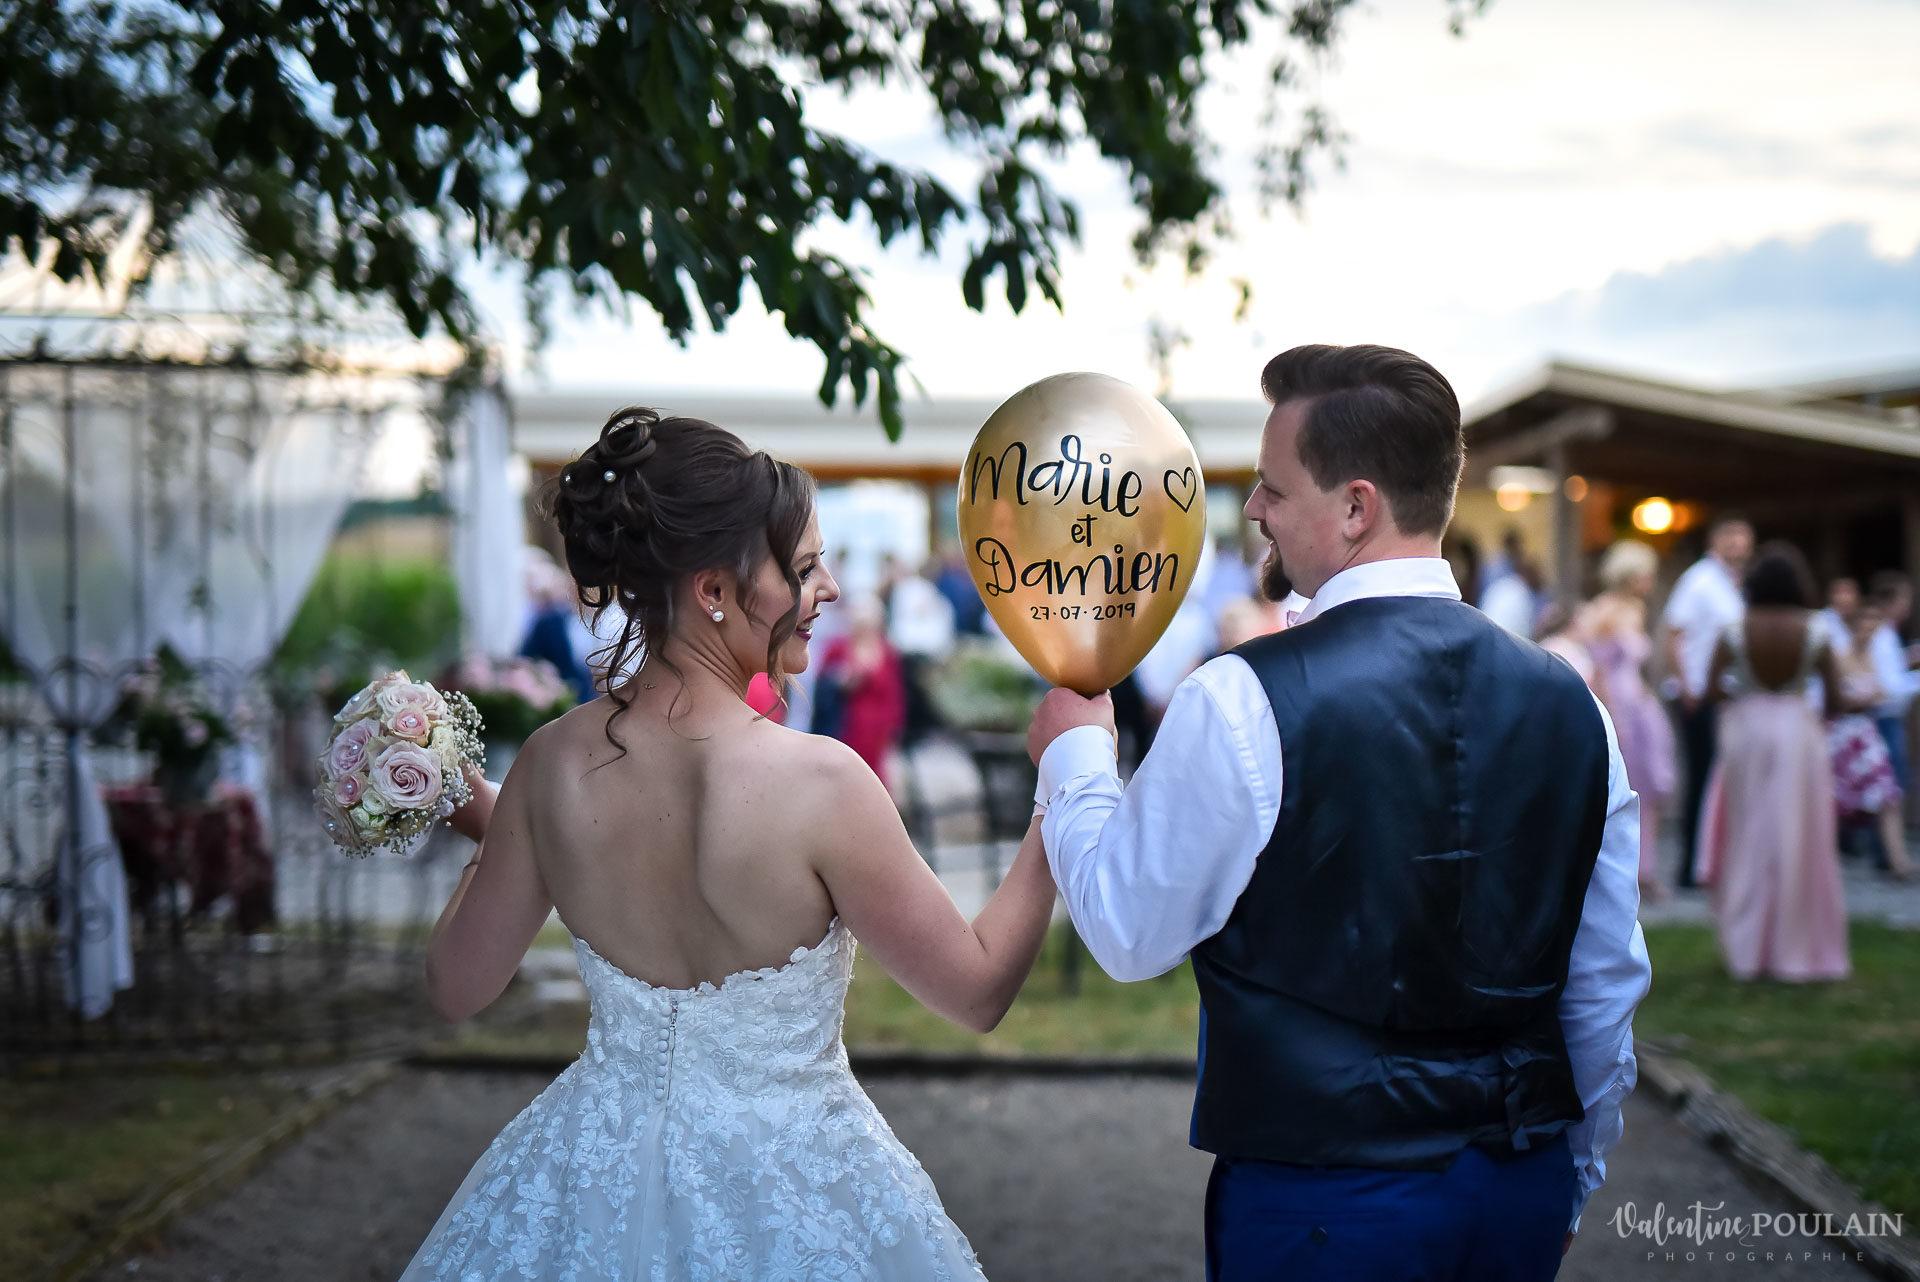 Mariage cool ferme weyerbach - Valentine Poulain ballon